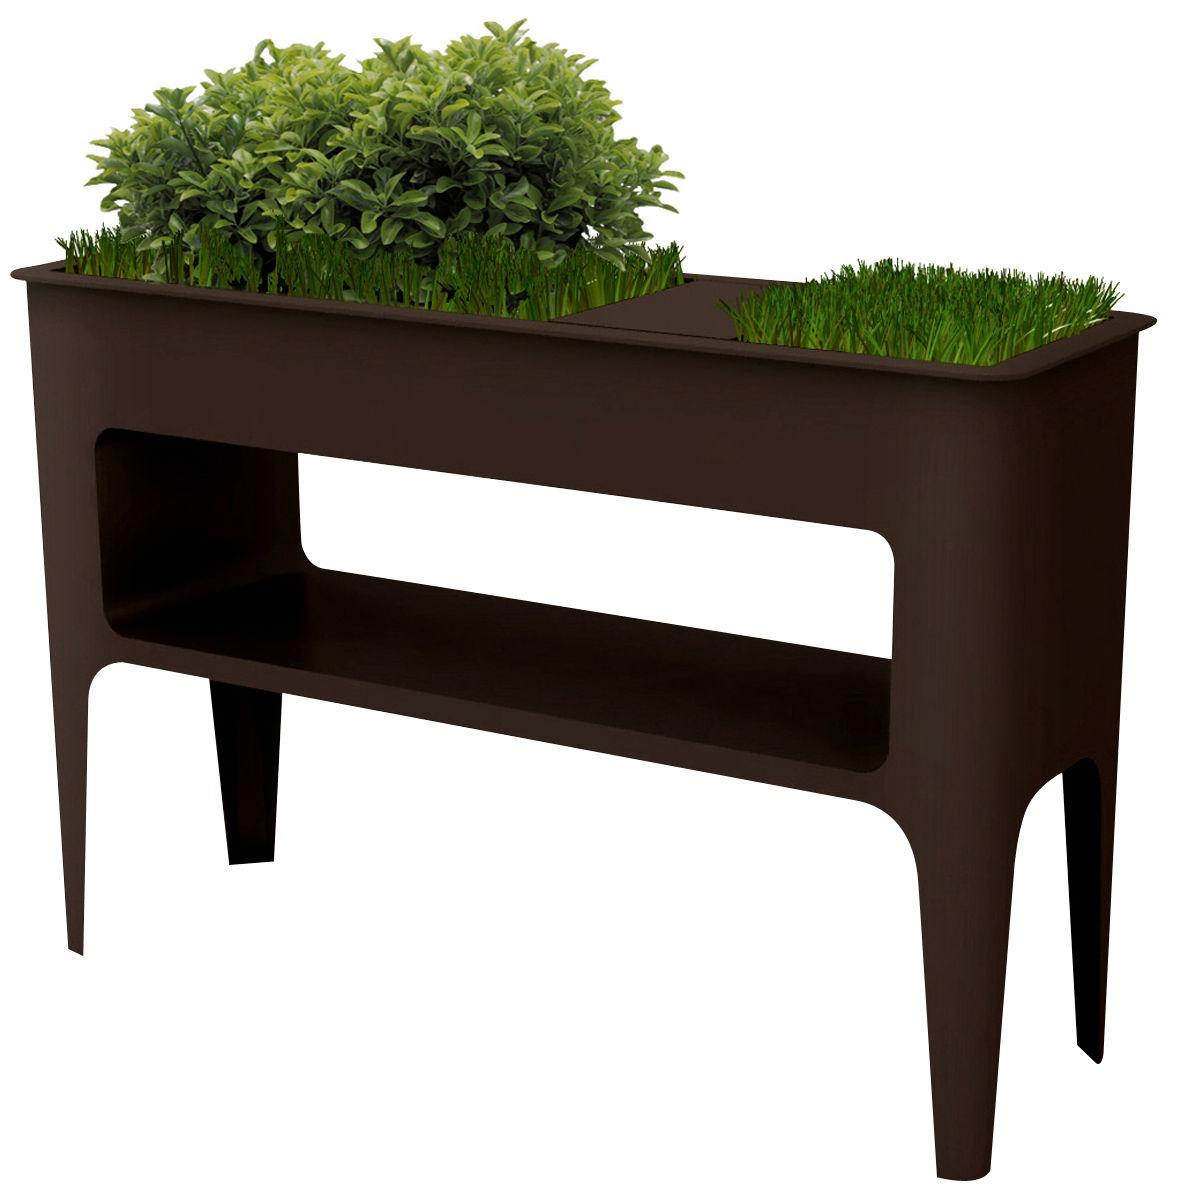 Möbel - Konsole - Babylone Konsole mit integriertem Blumentopf - Compagnie - Schokolade - Aluminium, lackierter Stahl